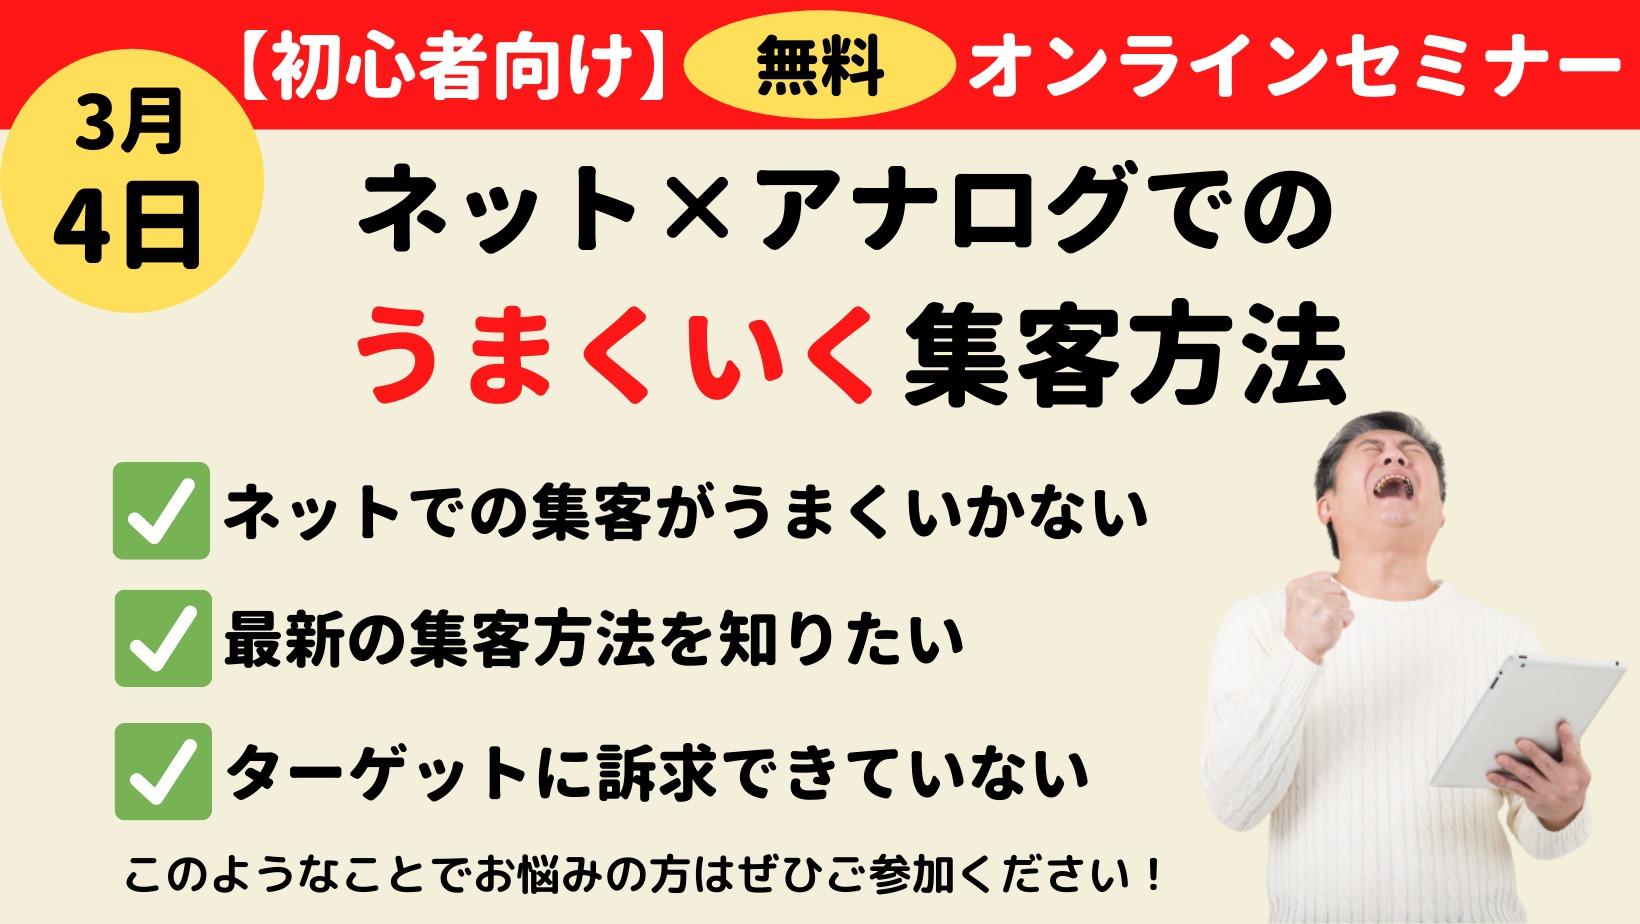 セミナー紹介トップ画像